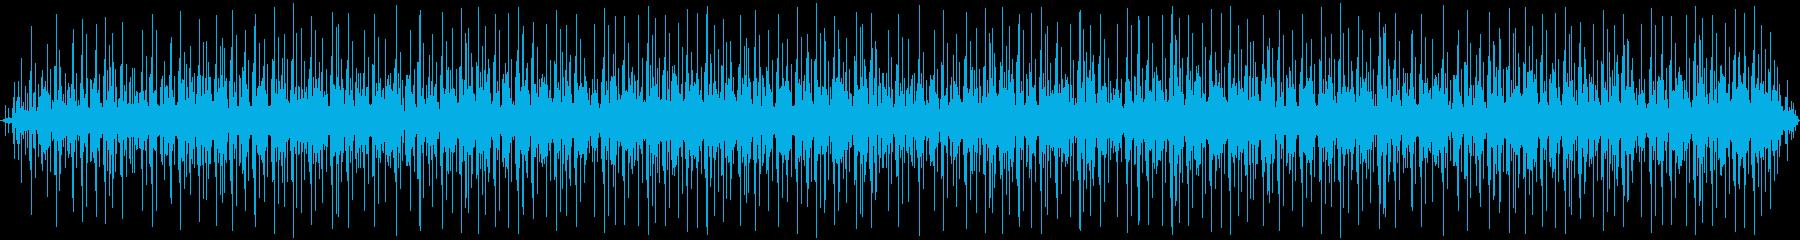 投稿機の確認:ランニング、ポスター...の再生済みの波形